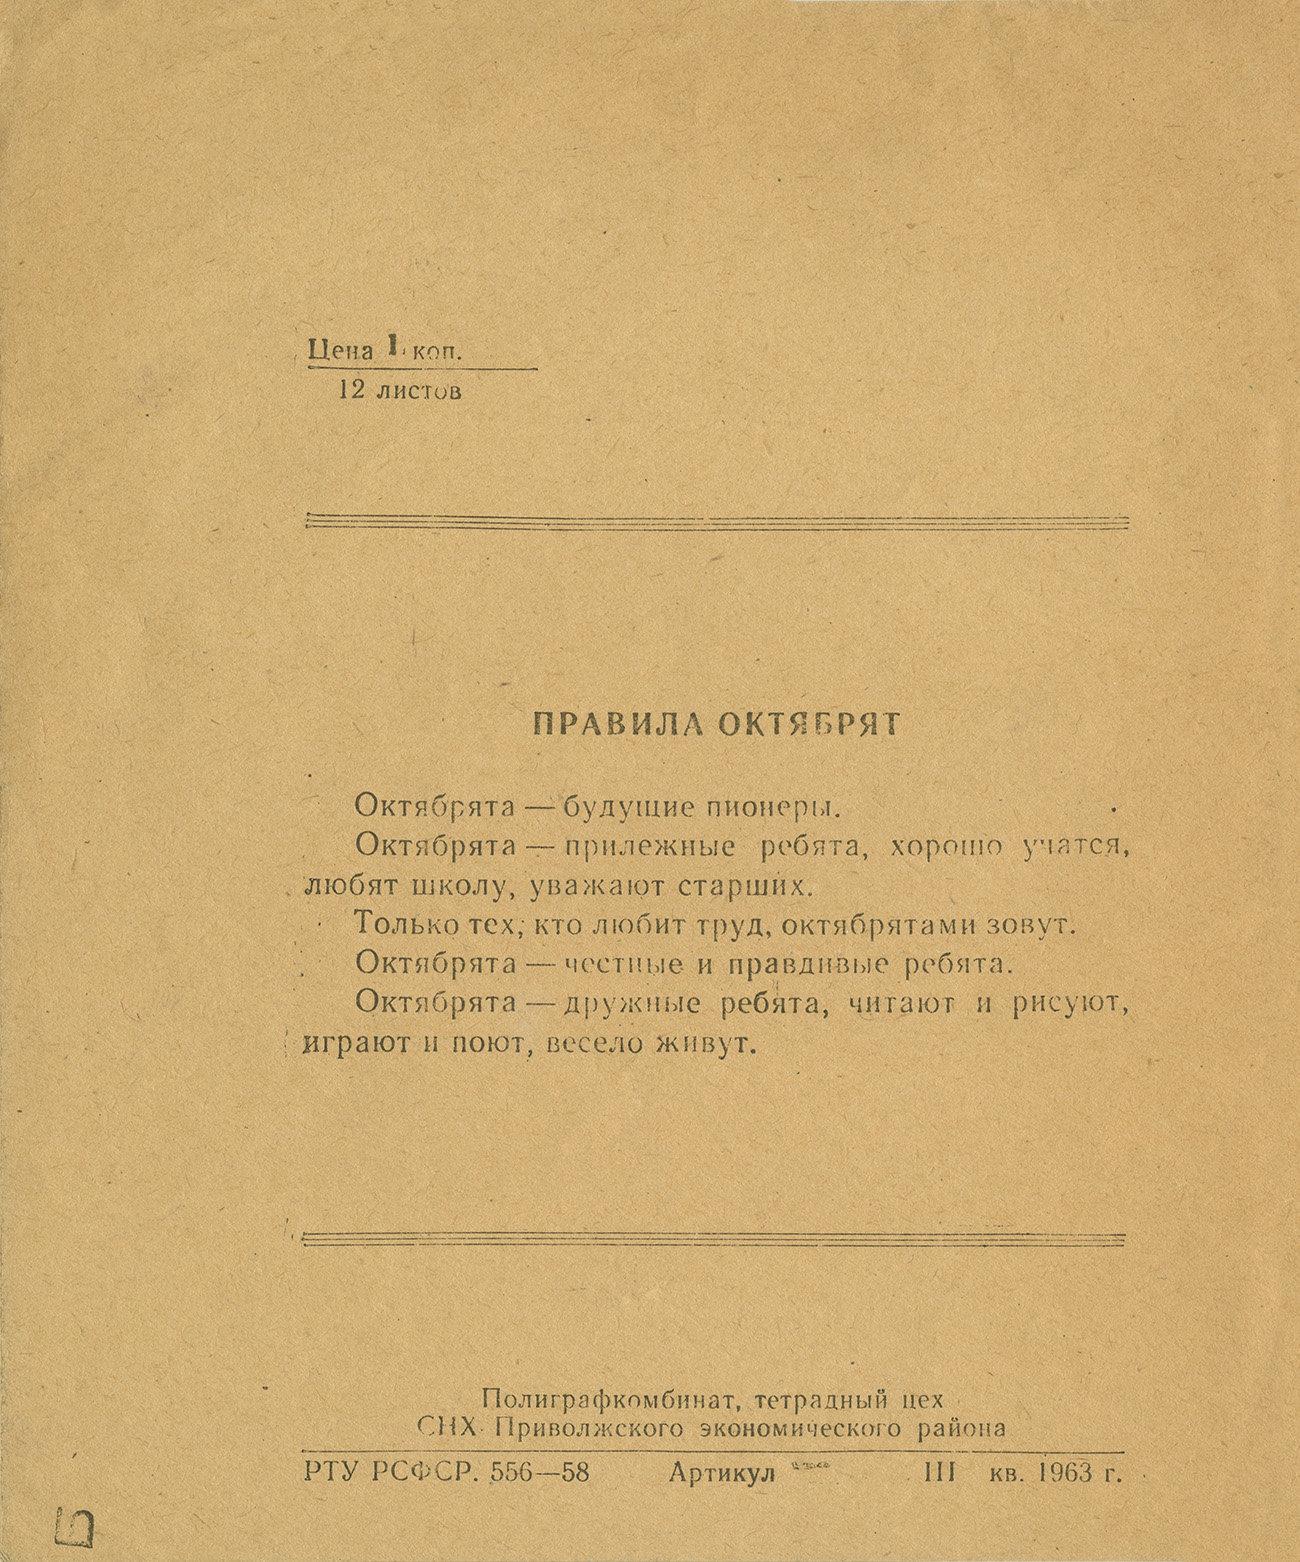 Тетрадь Приволжский СНХ полиграф-комбинат, 1963 г., оборот